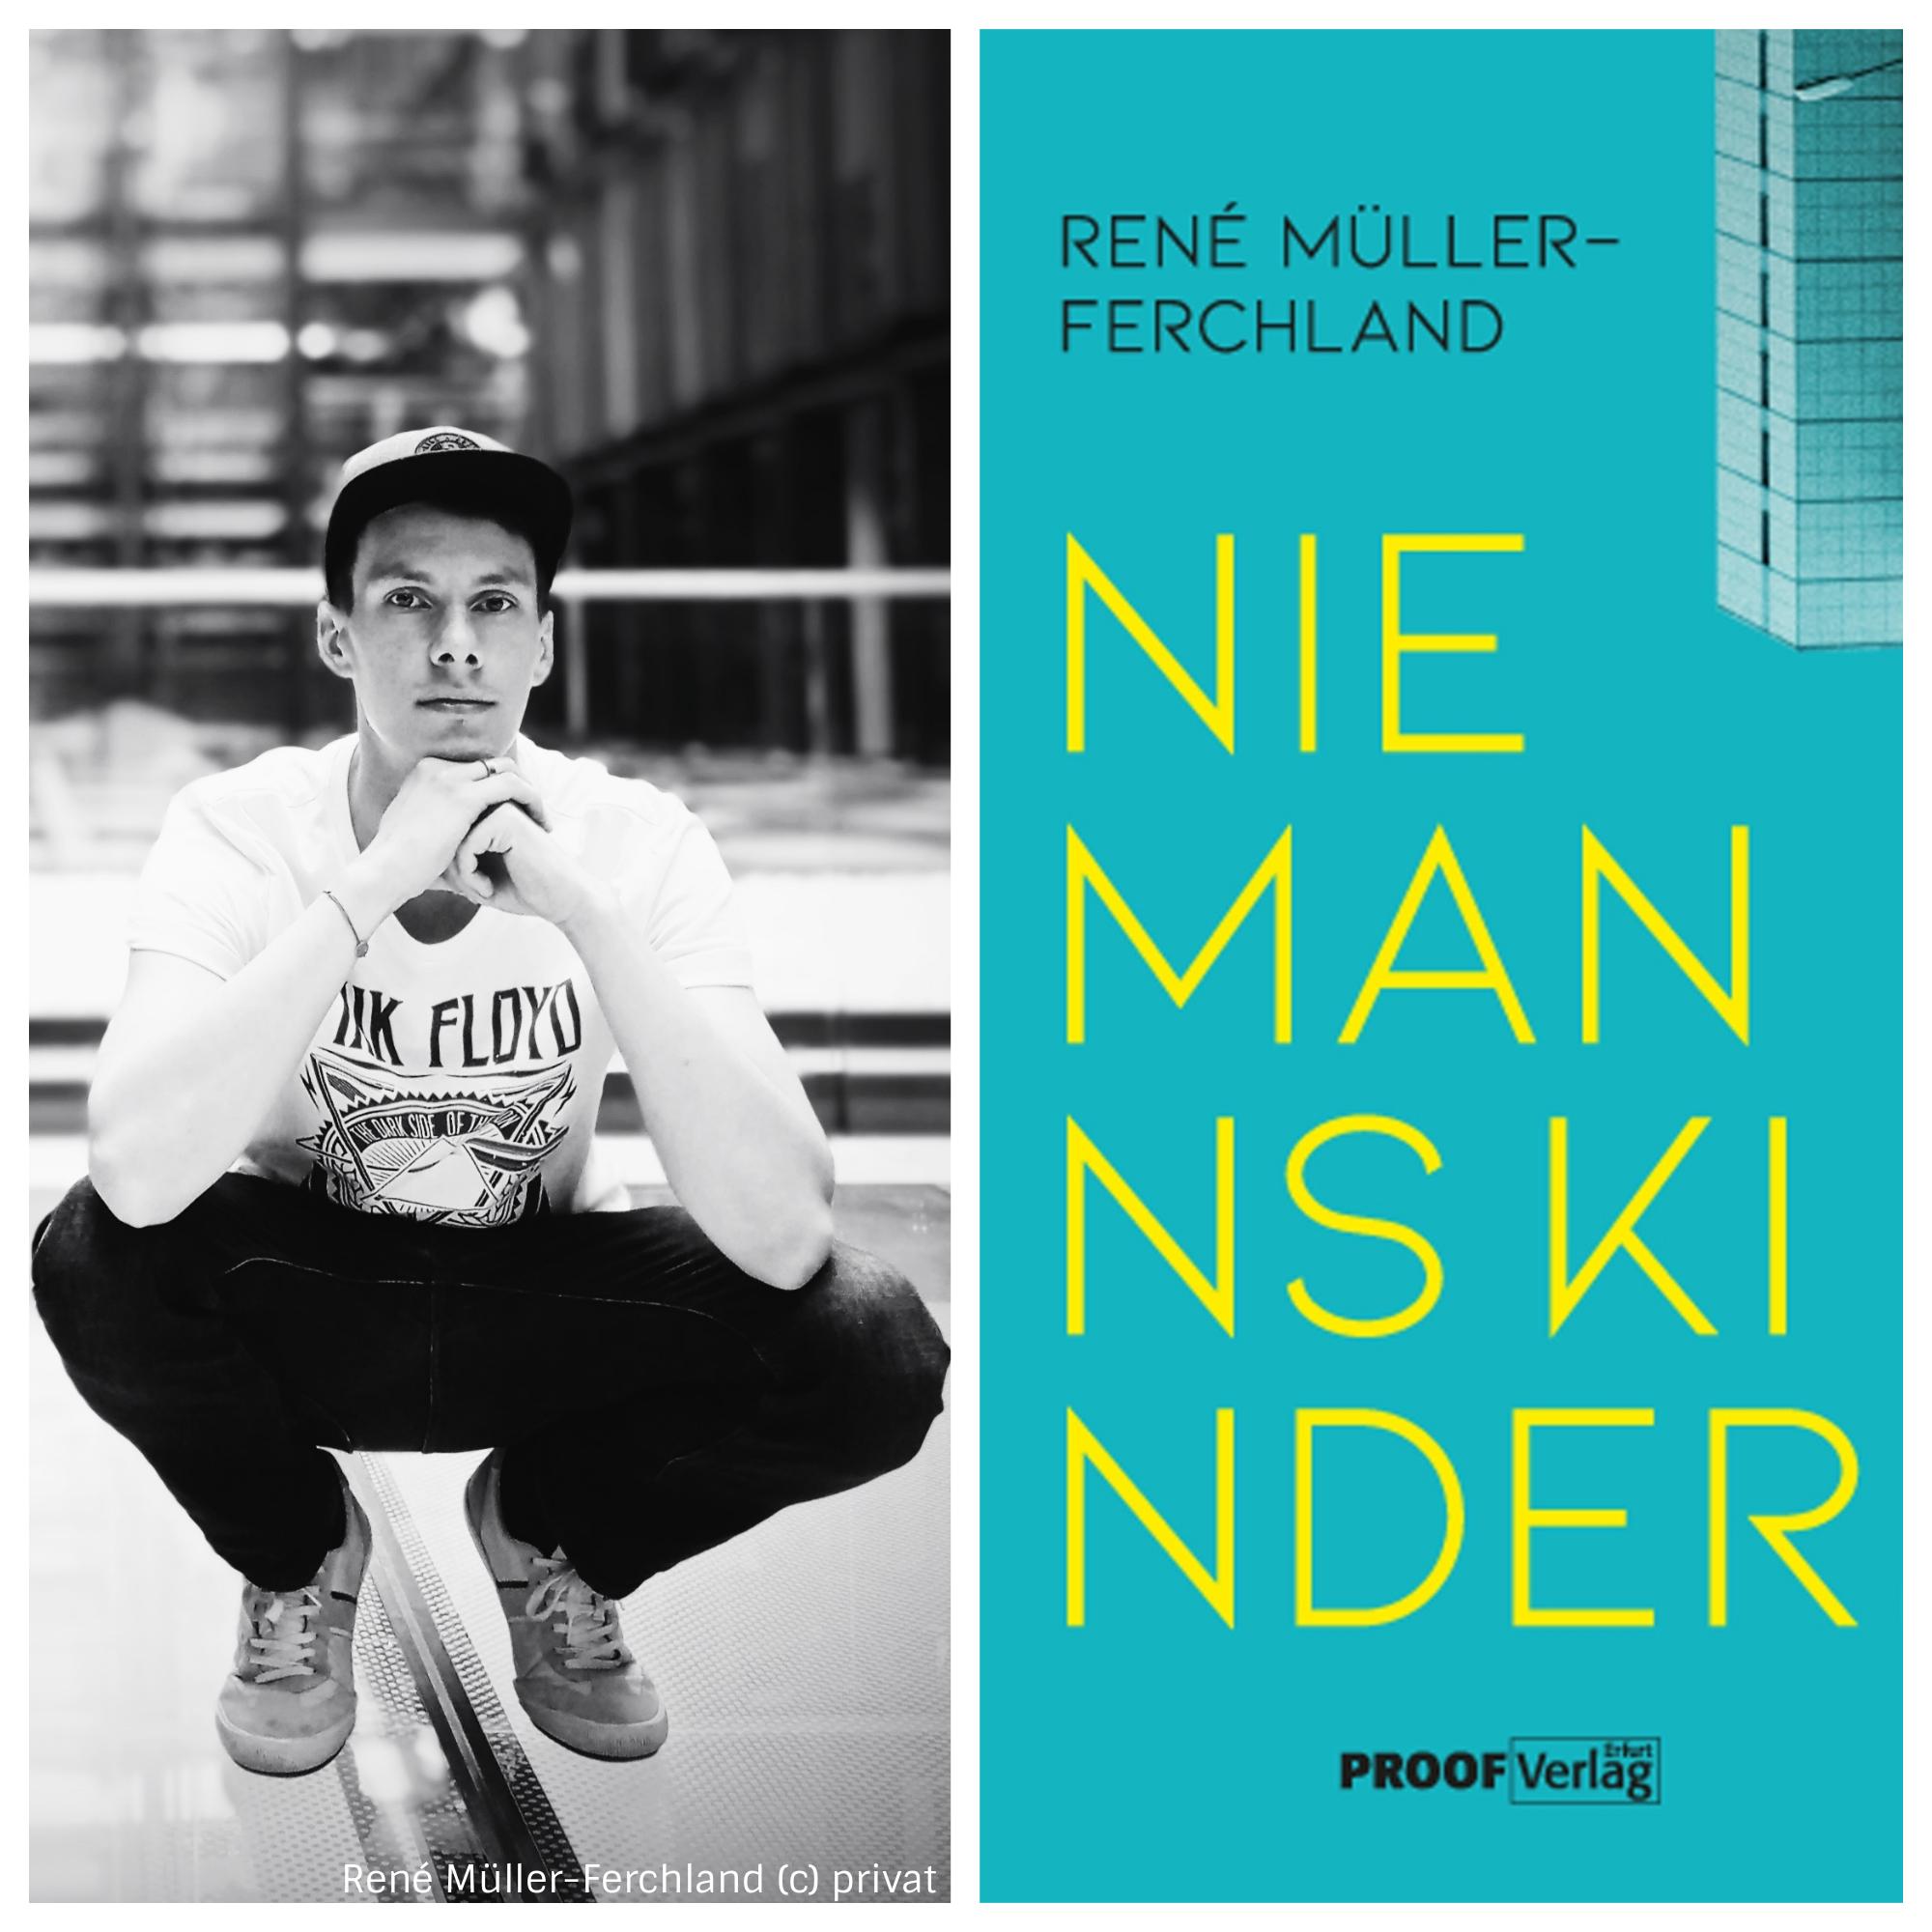 René Müller-Ferchland – Thüringer Autor mit Magdeburger Wurzeln